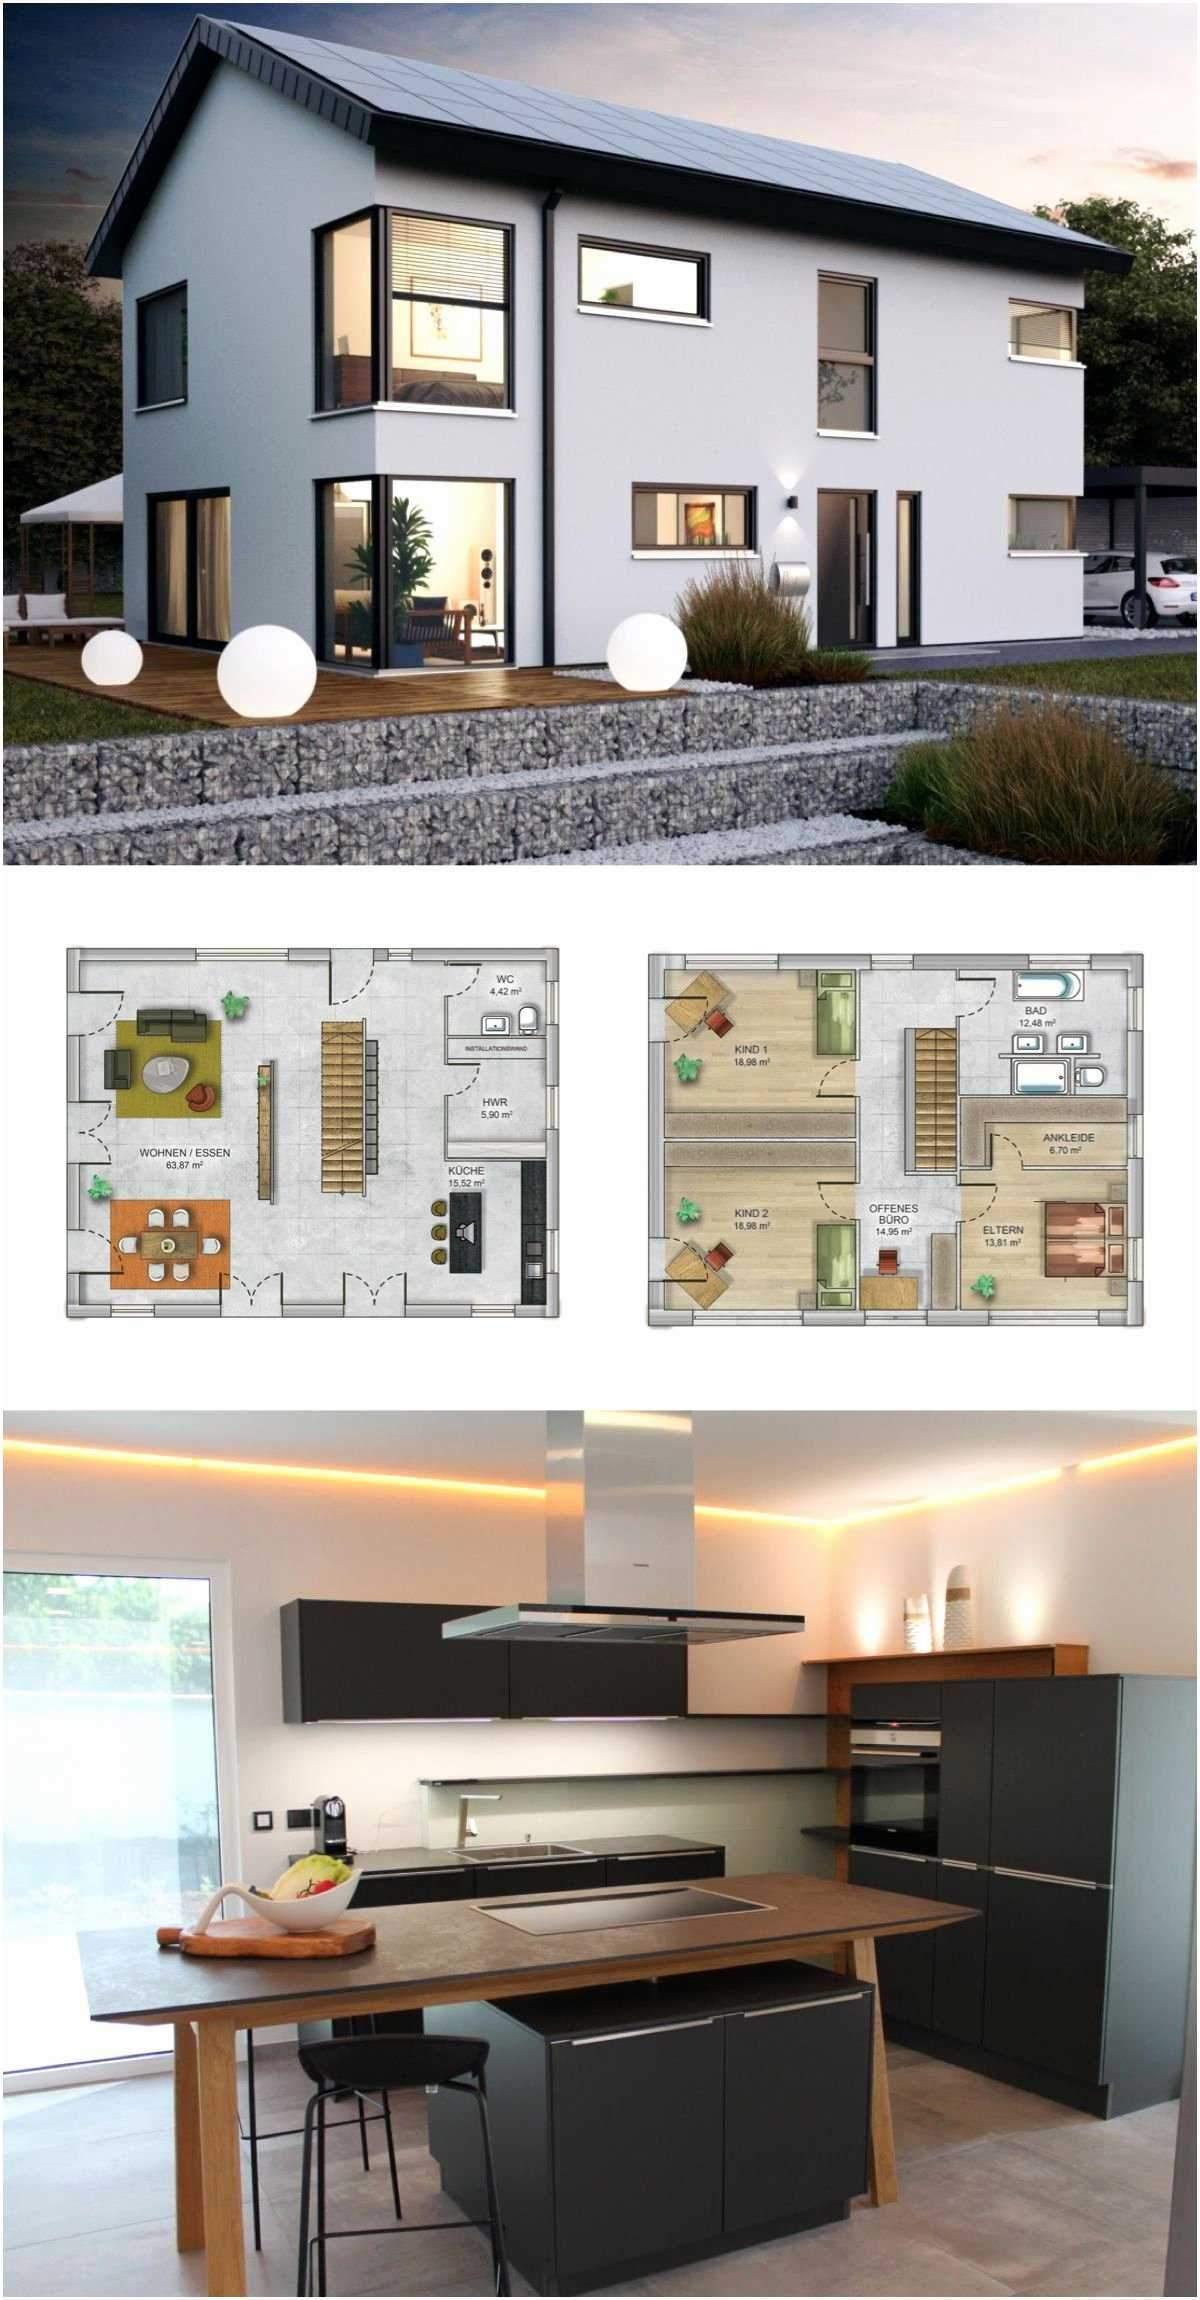 wohnzimmer beleuchtung ideen einzigartig 37 tolle von wohnzimmer beleuchtung modern meinung of wohnzimmer beleuchtung ideen